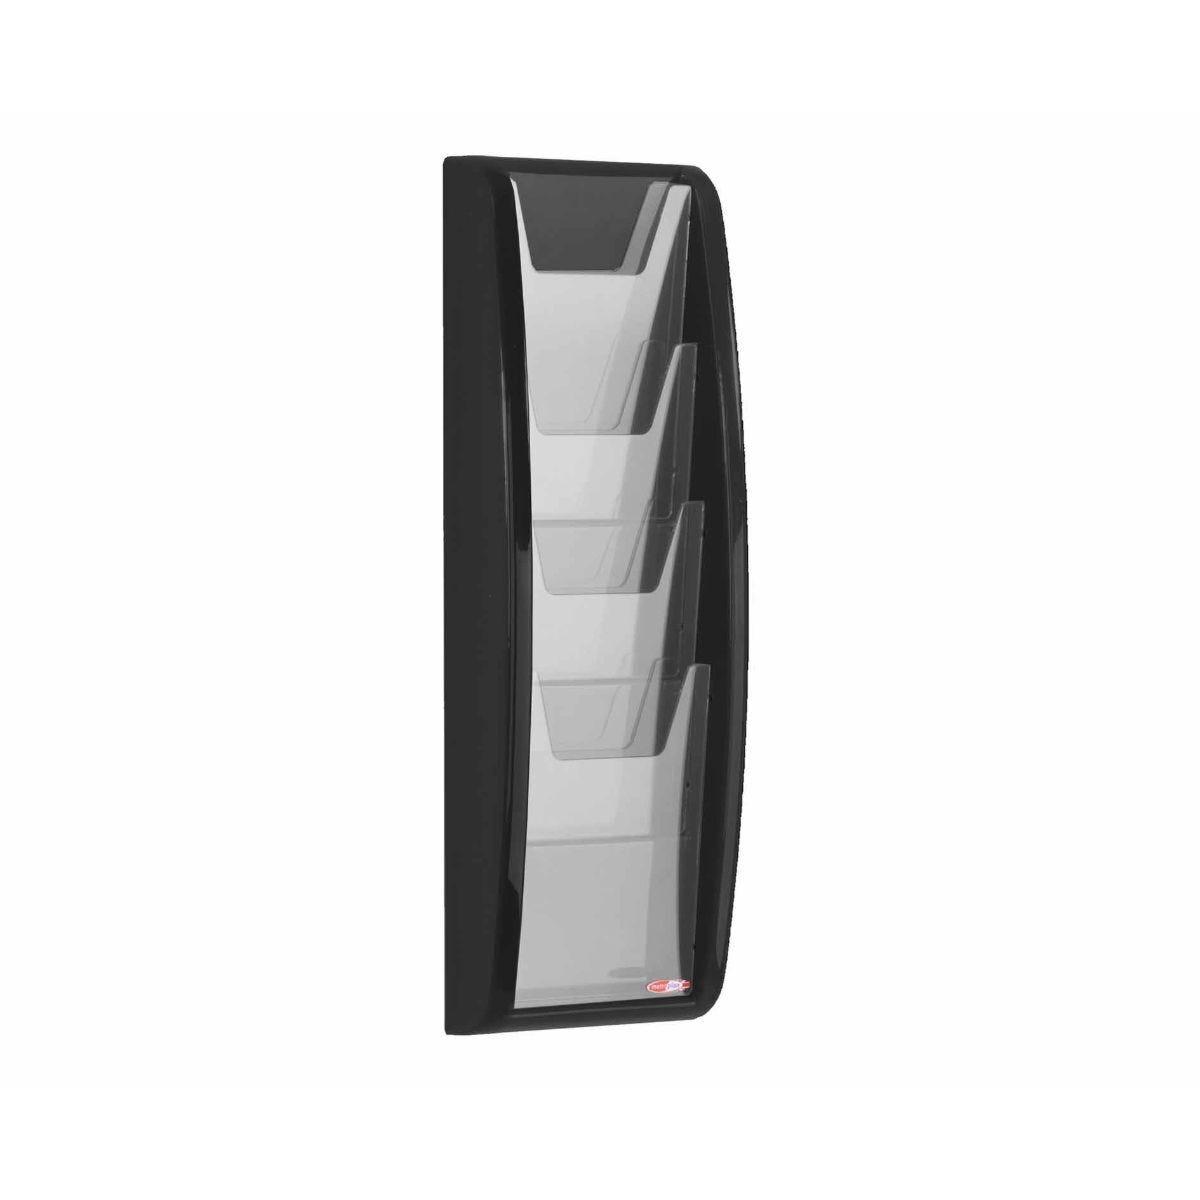 Metroplan Panorama Wall Mounted Leaflet Dispenser 4 x A5 Black